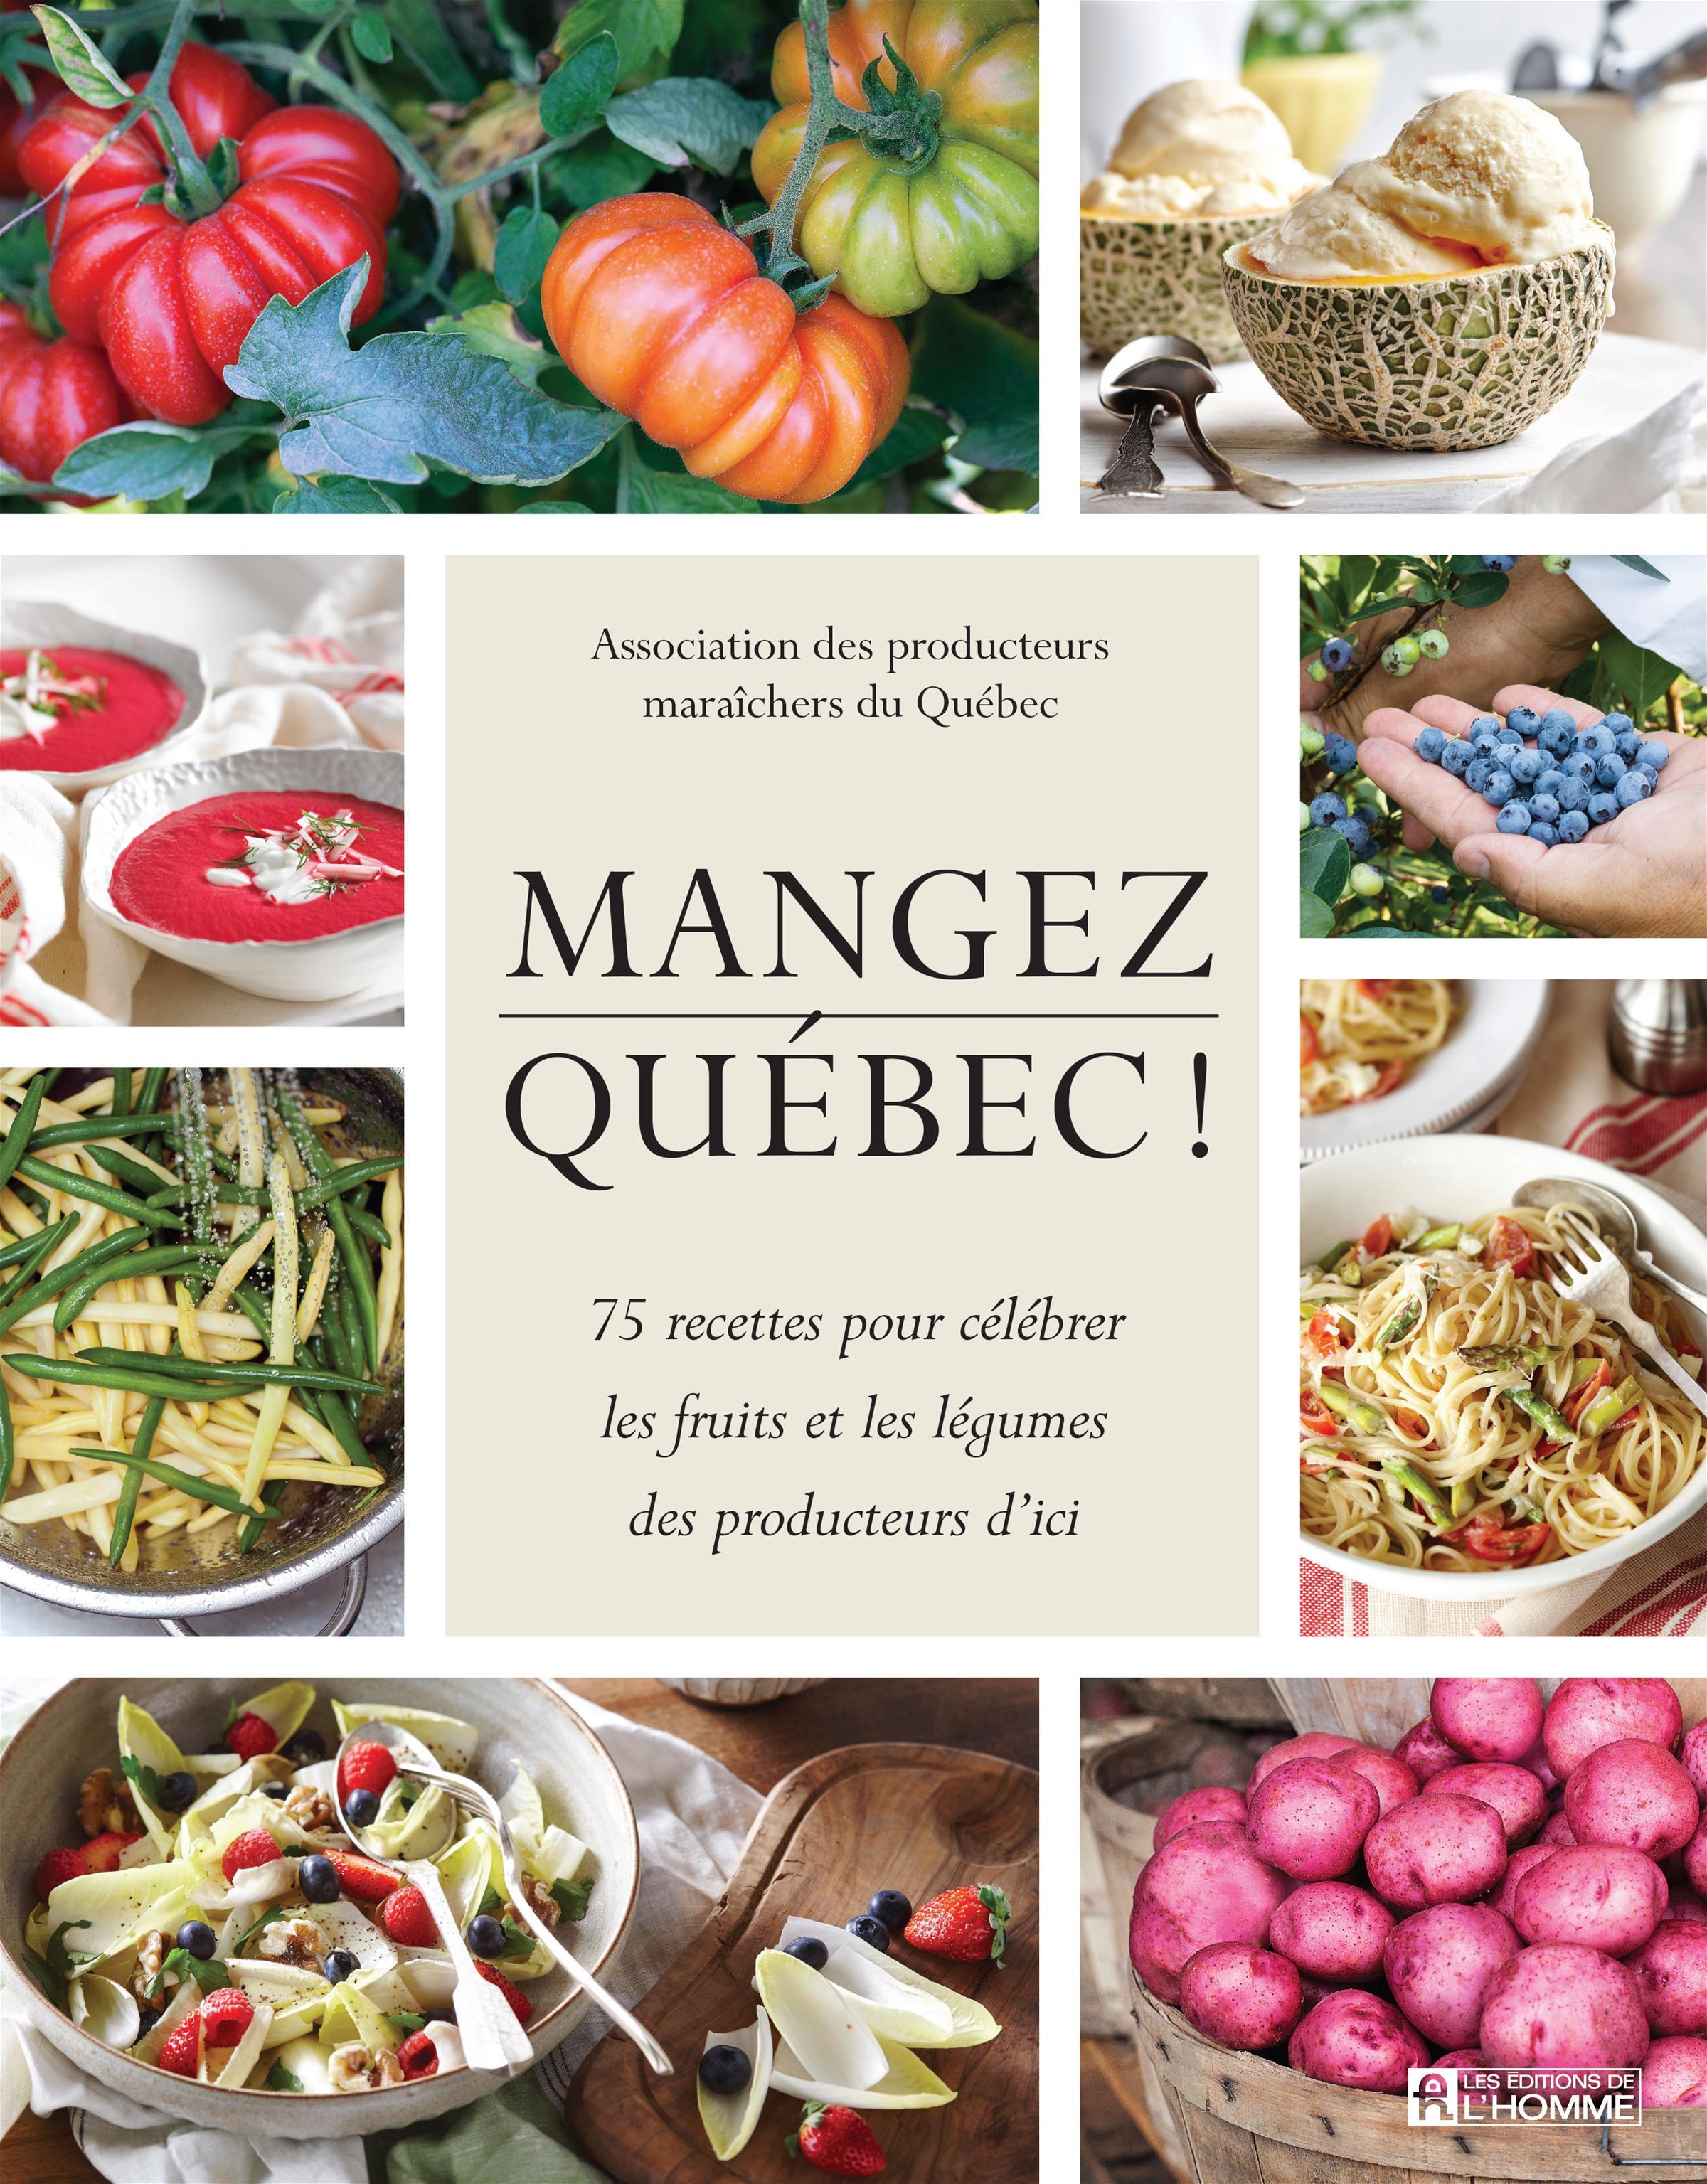 Mangez Québec!